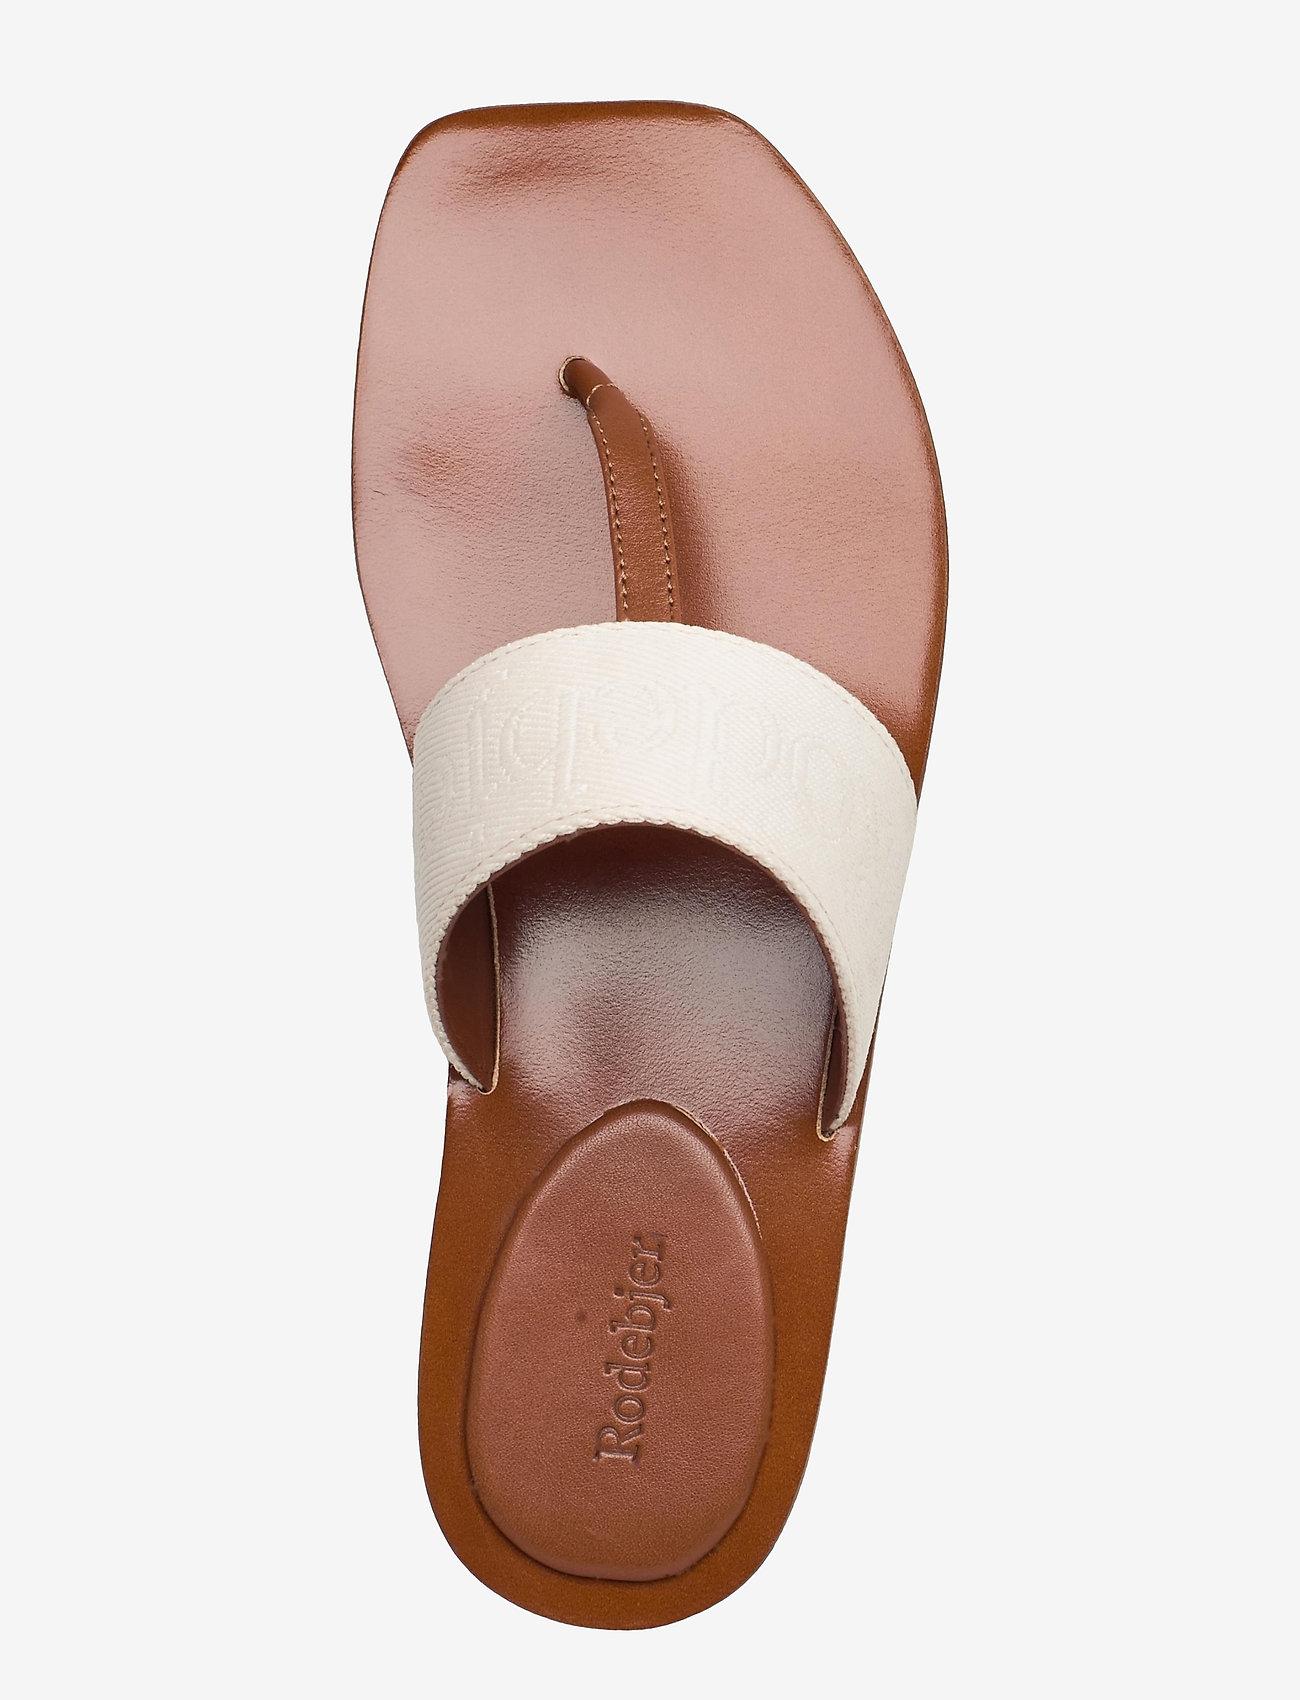 RODEBJER - RODEBJER ROZA - flade sandaler - hazel - 3